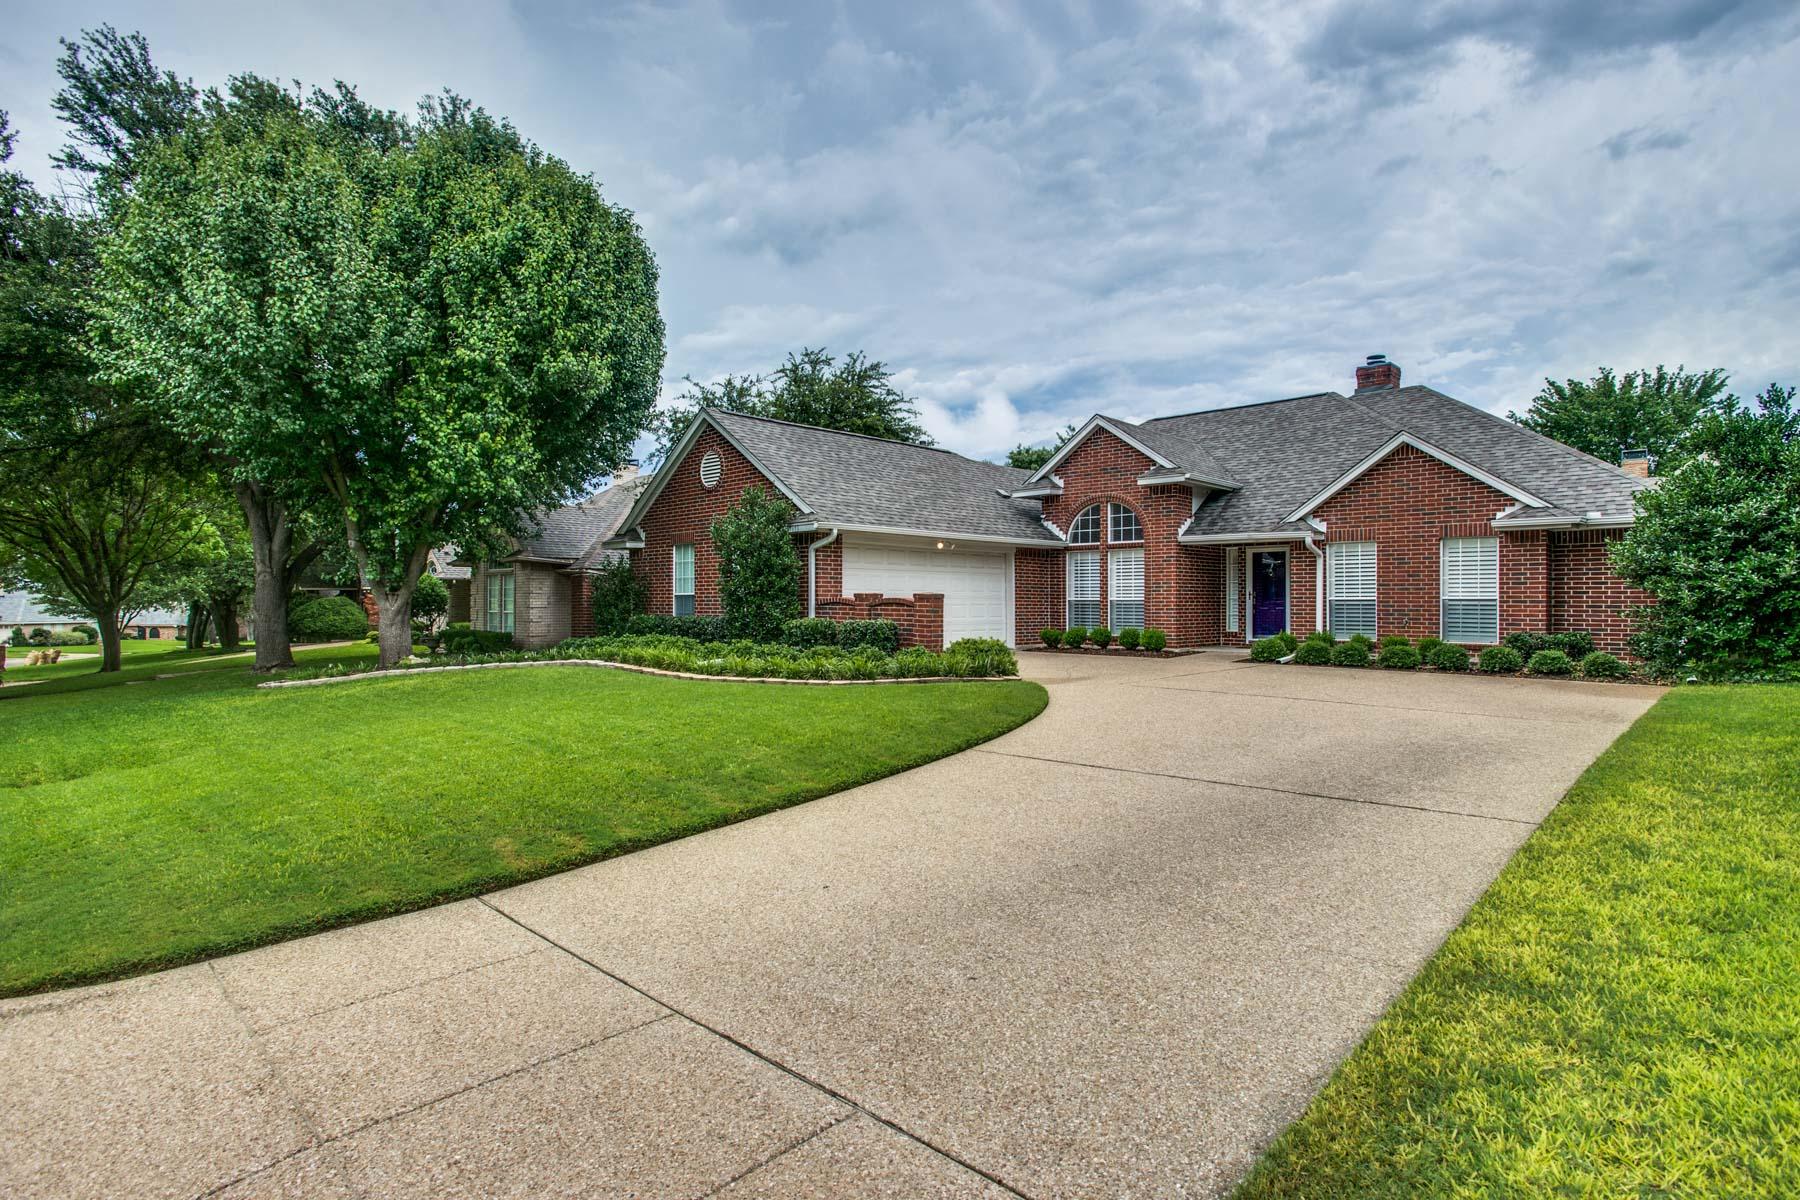 Maison unifamiliale pour l Vente à 7613 Ramble Wood Trail, Fort Worth 7613 Ramble Wood Trl Fort Worth, Texas, 76132 États-Unis